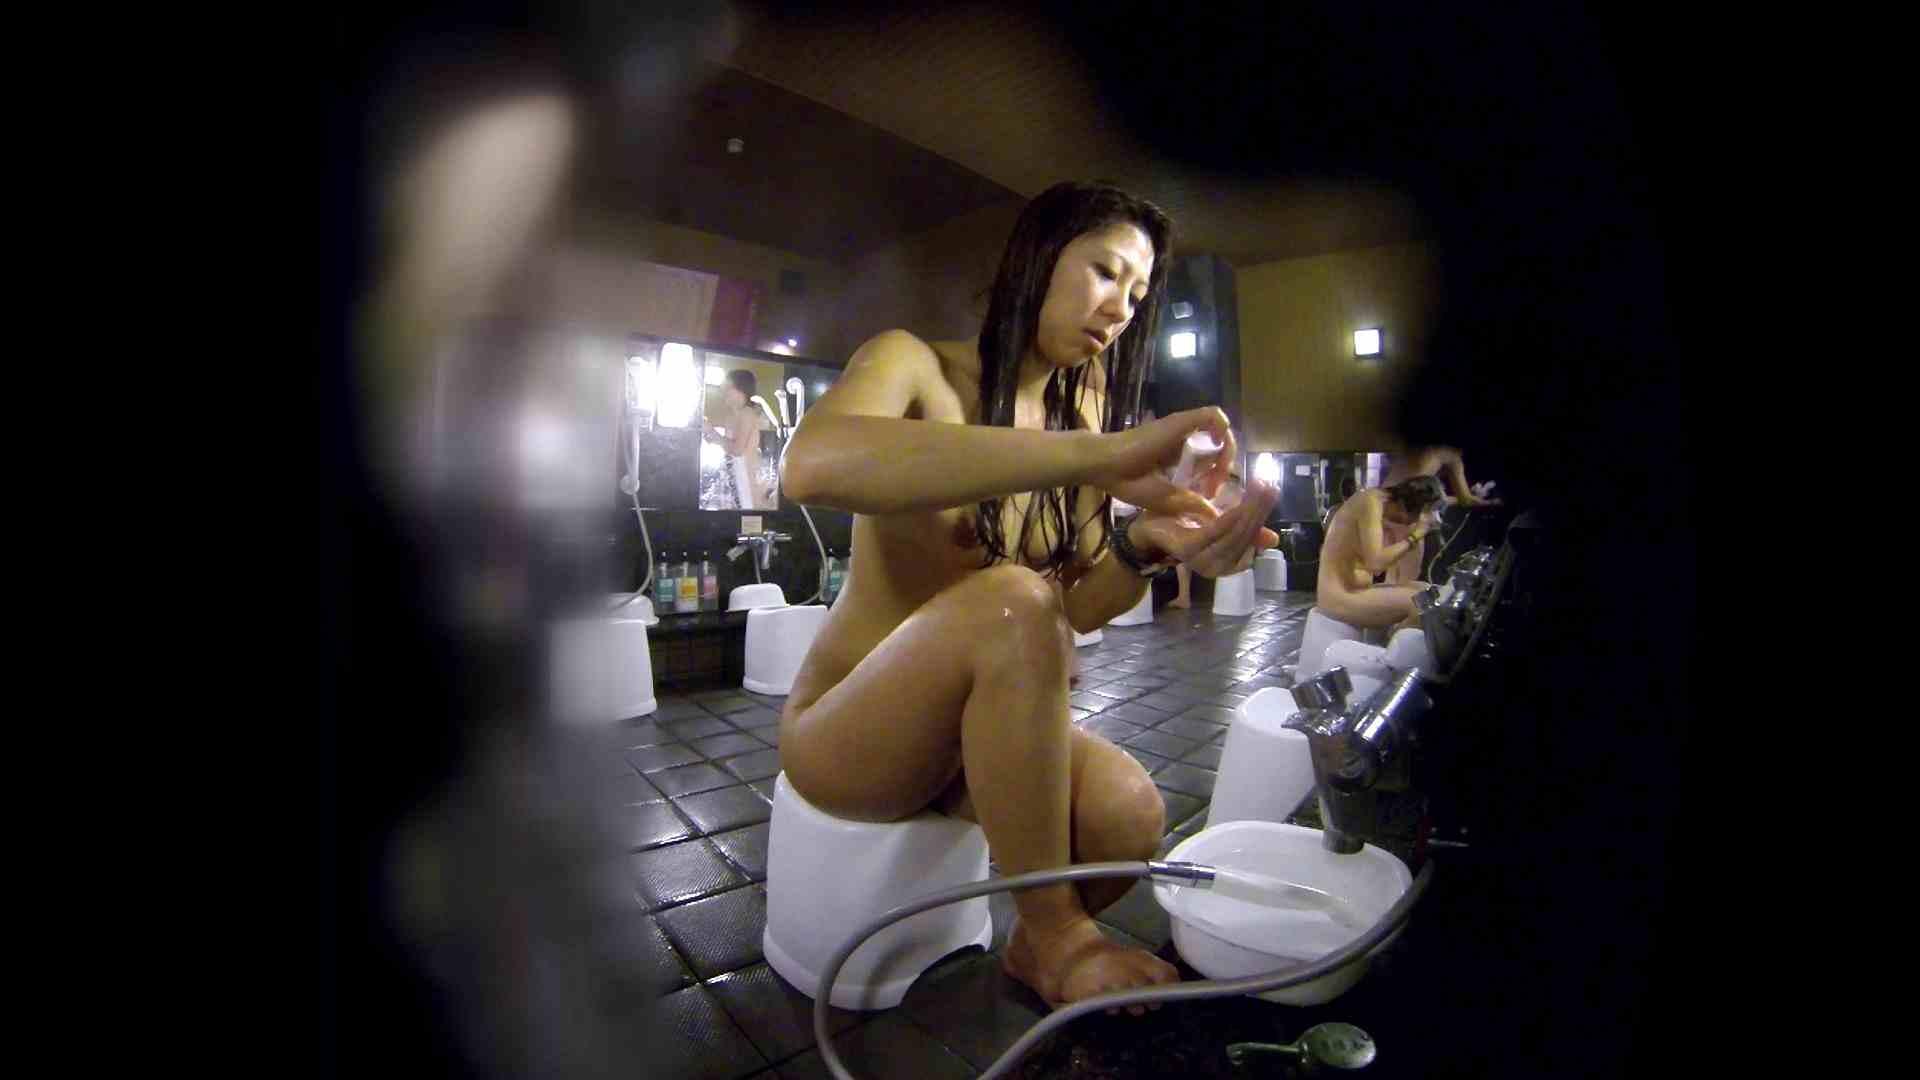 洗い場!綺麗に整えられた陰毛に嫉妬します。 潜入 戯れ無修正画像 82画像 27